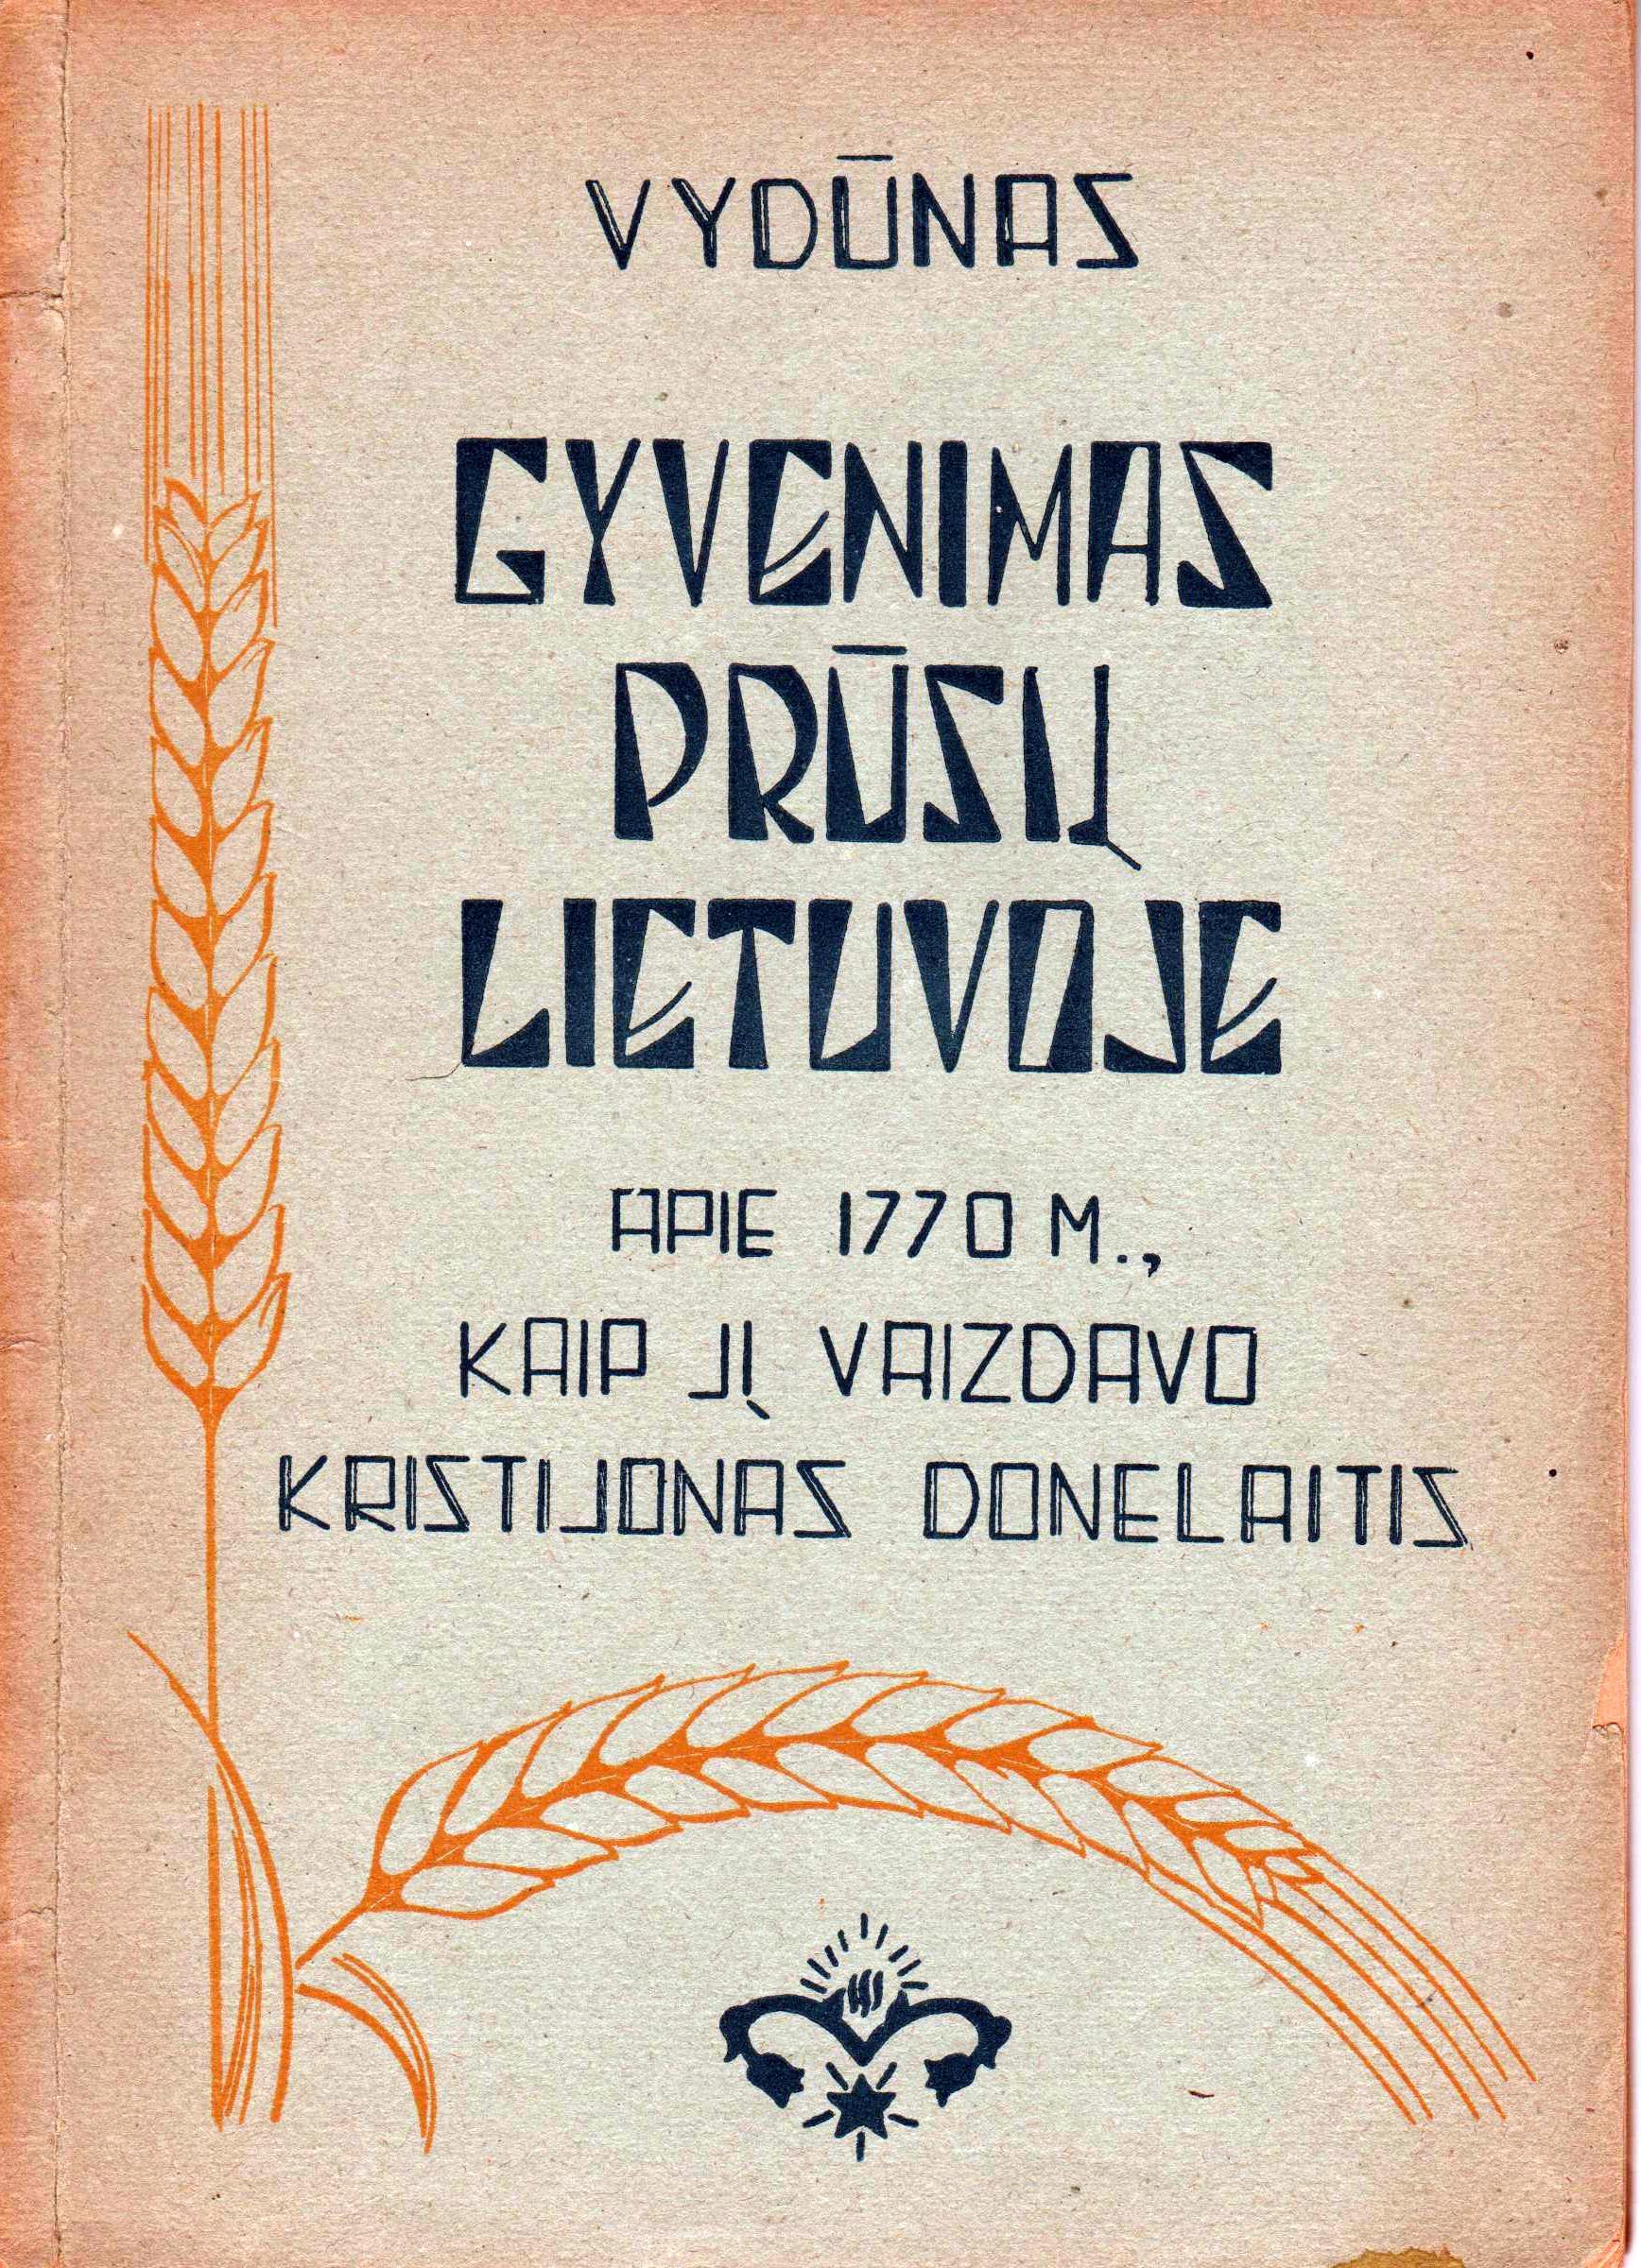 Gyvenimas Prūsų Lietuvoje 2 001 (2)